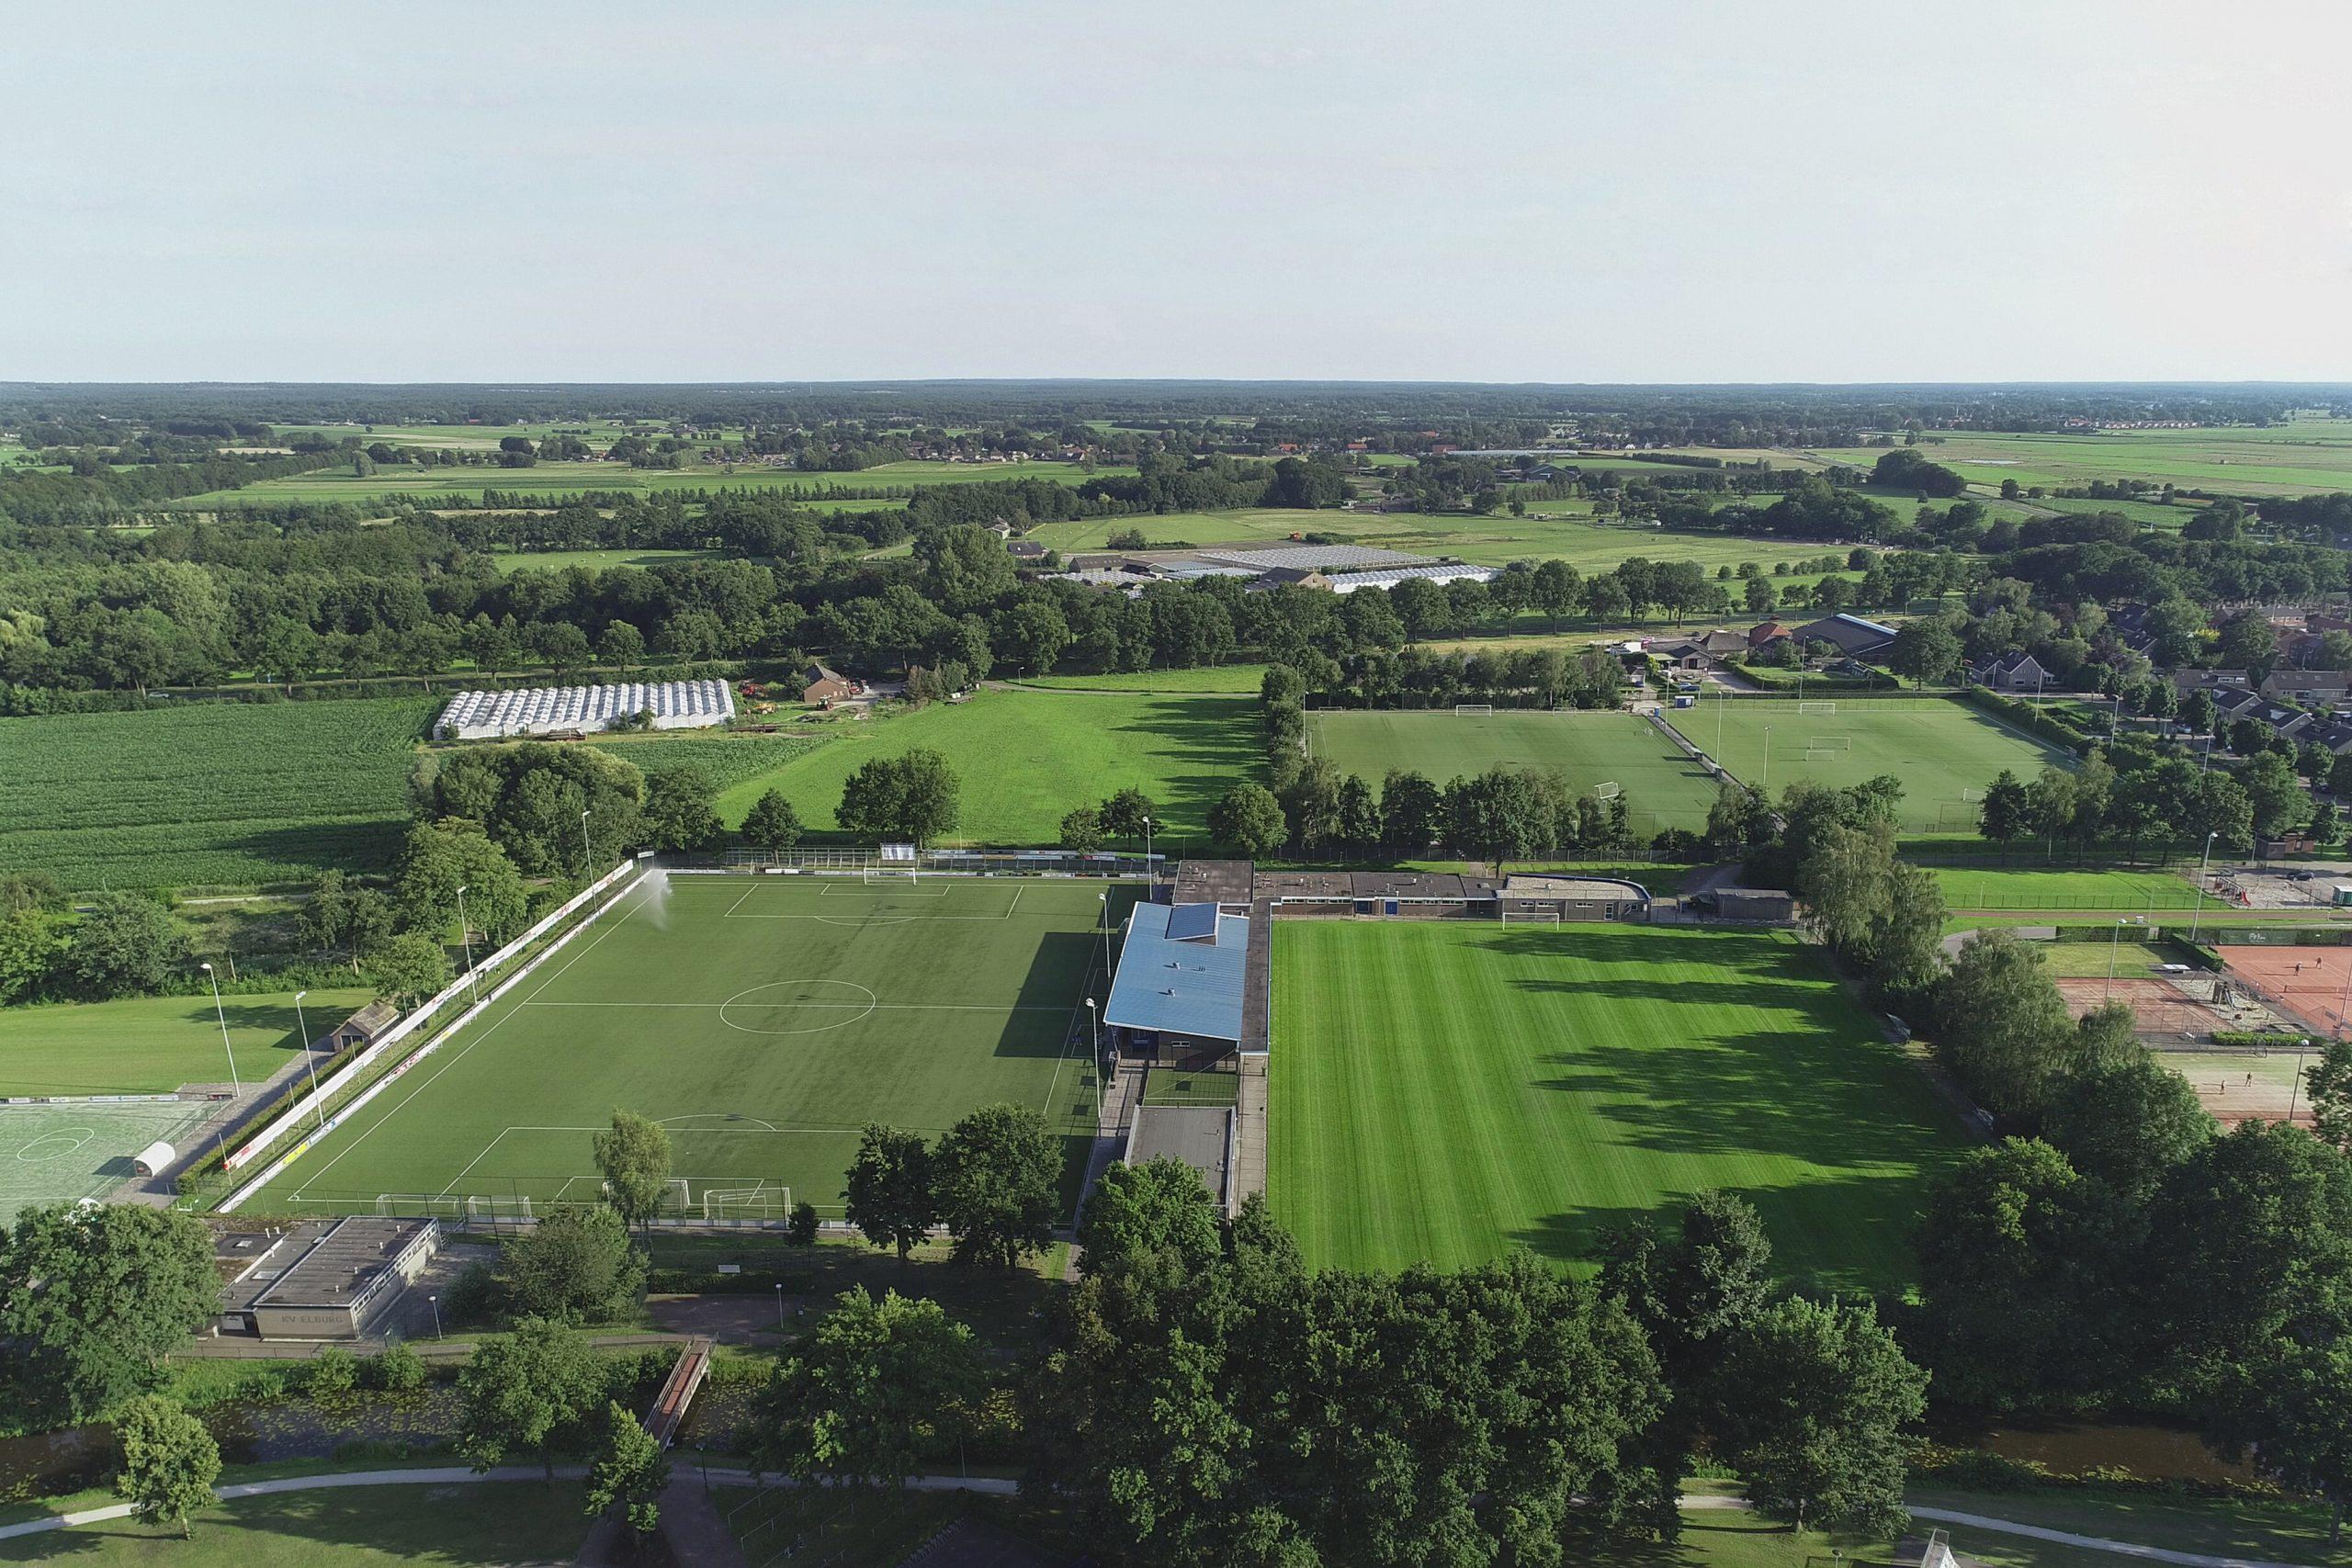 Burgemeester Bode Sportpark gesloten op dinsdag 4 mei - Elburger SC